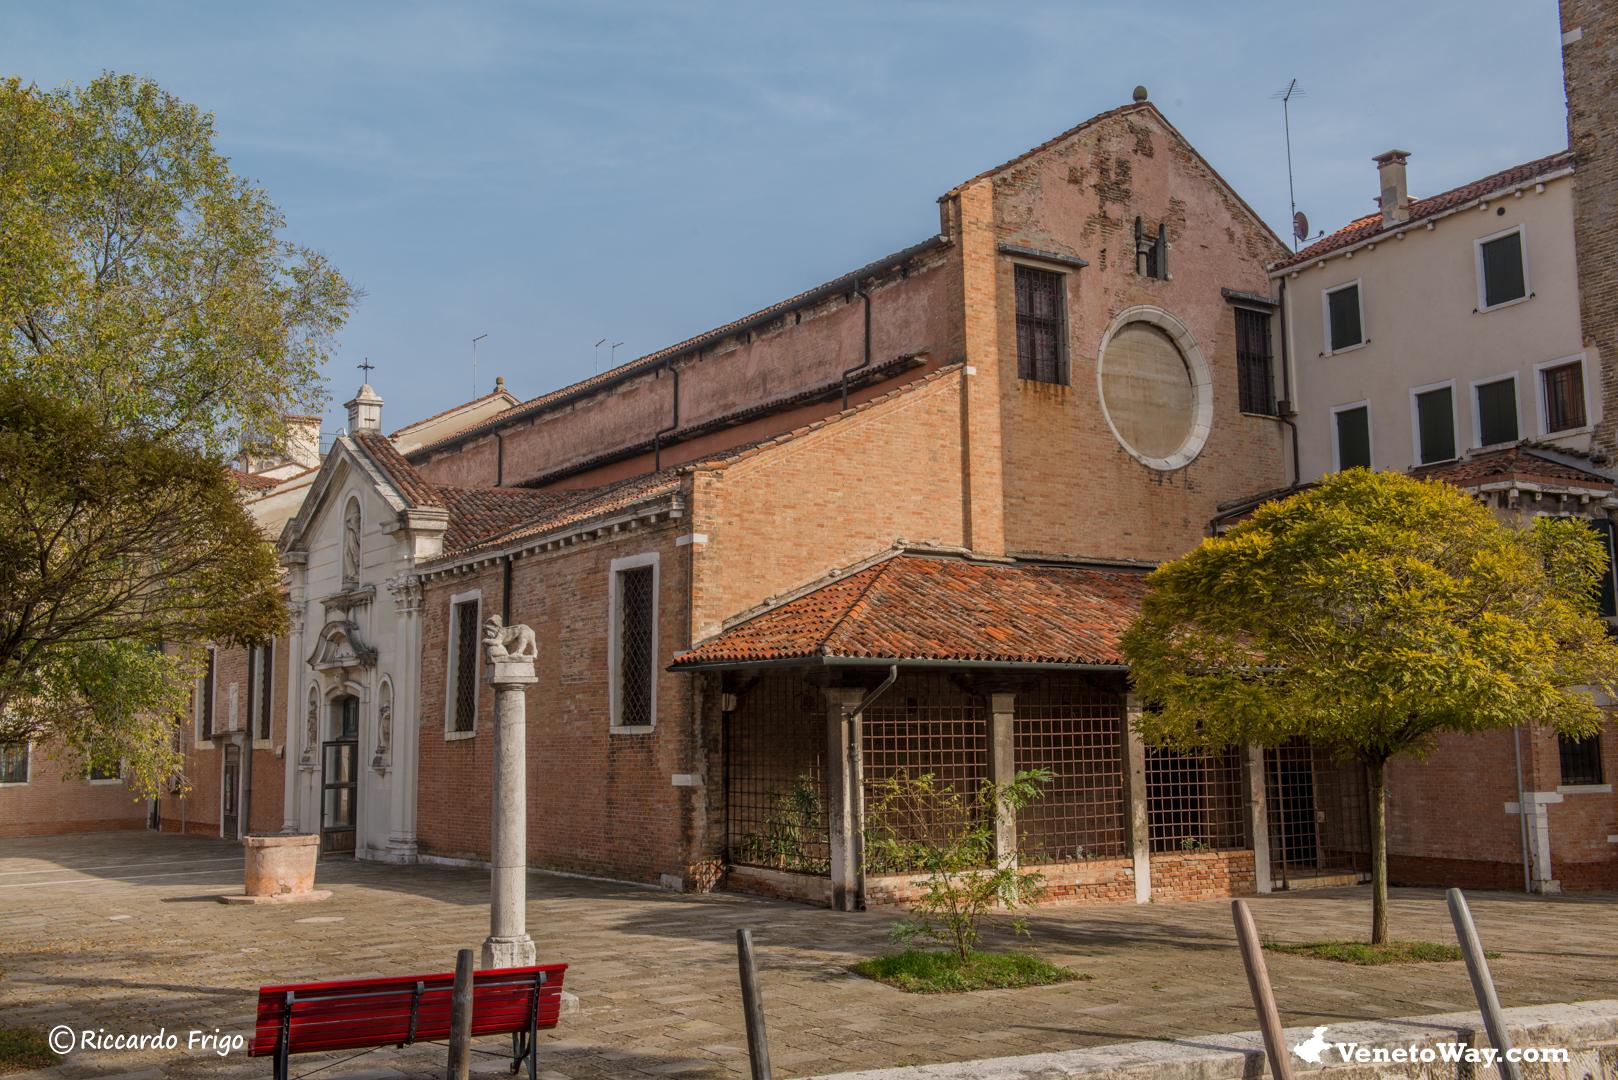 Chiesa San Nicolò dei Mendicoli